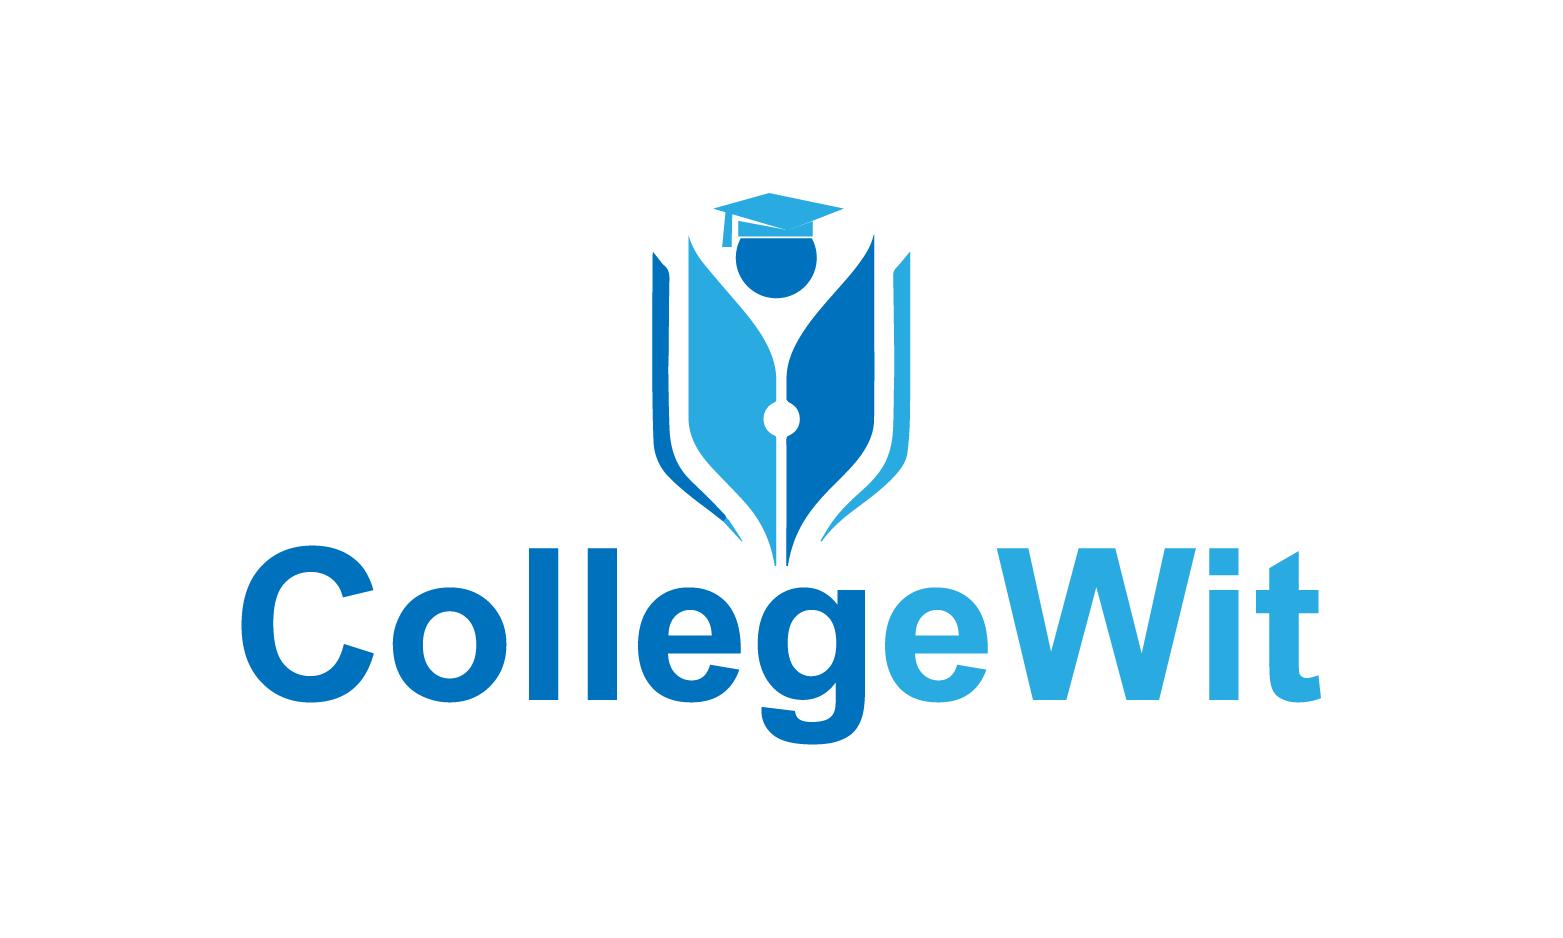 CollegeWit.com